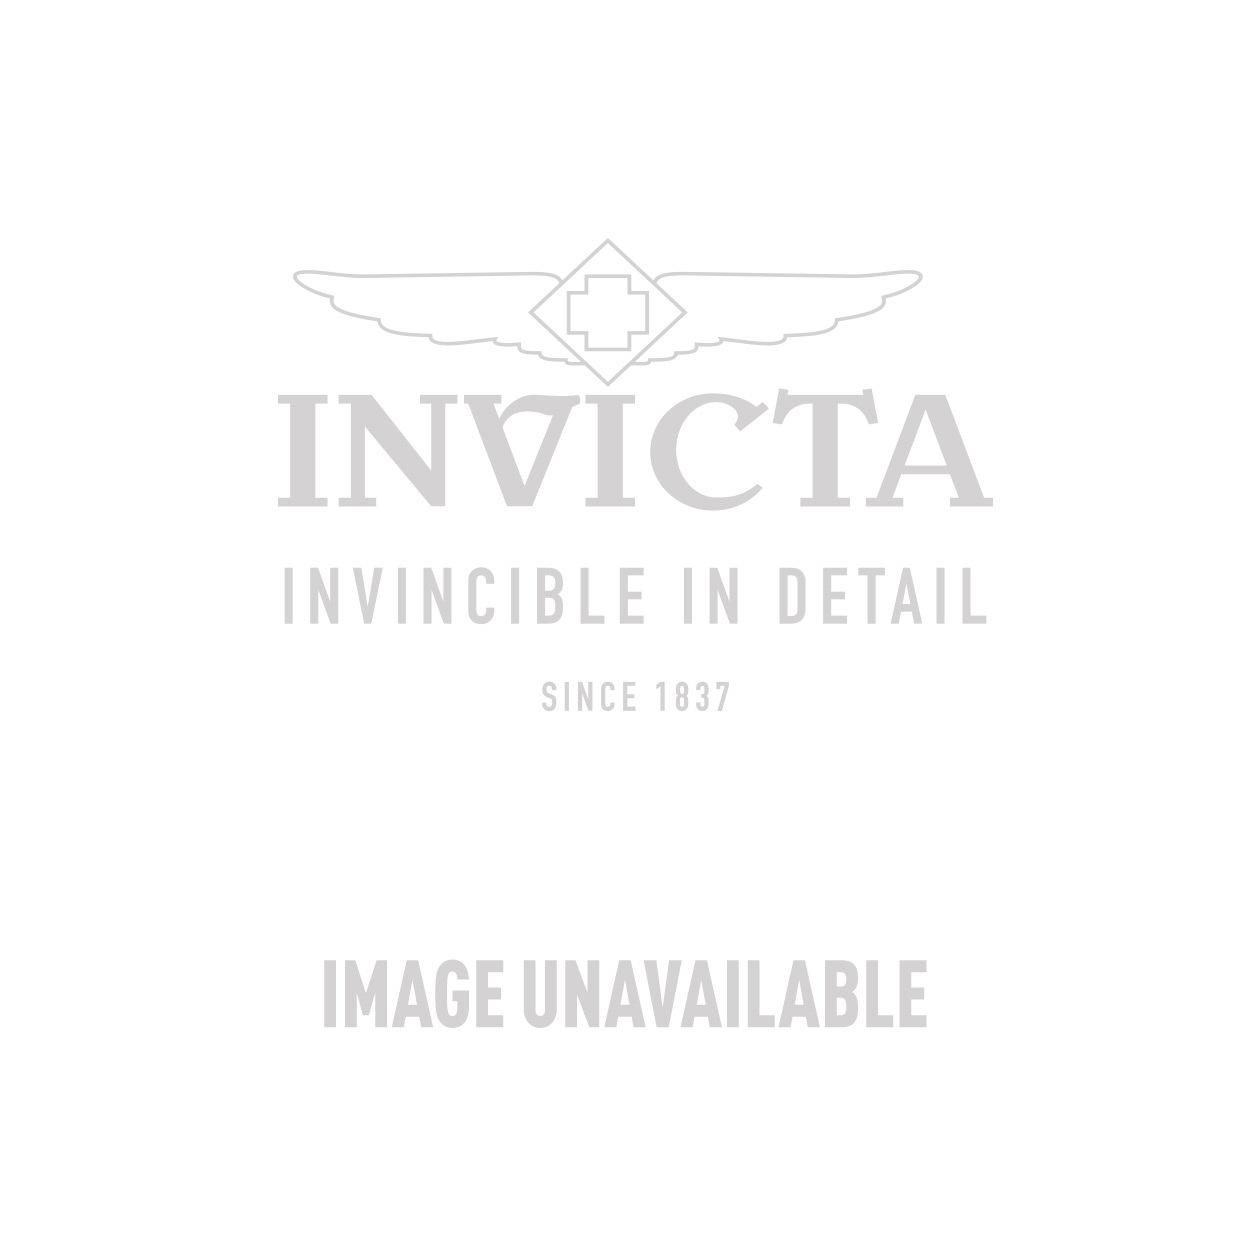 Invicta Watch Case DC8BLU